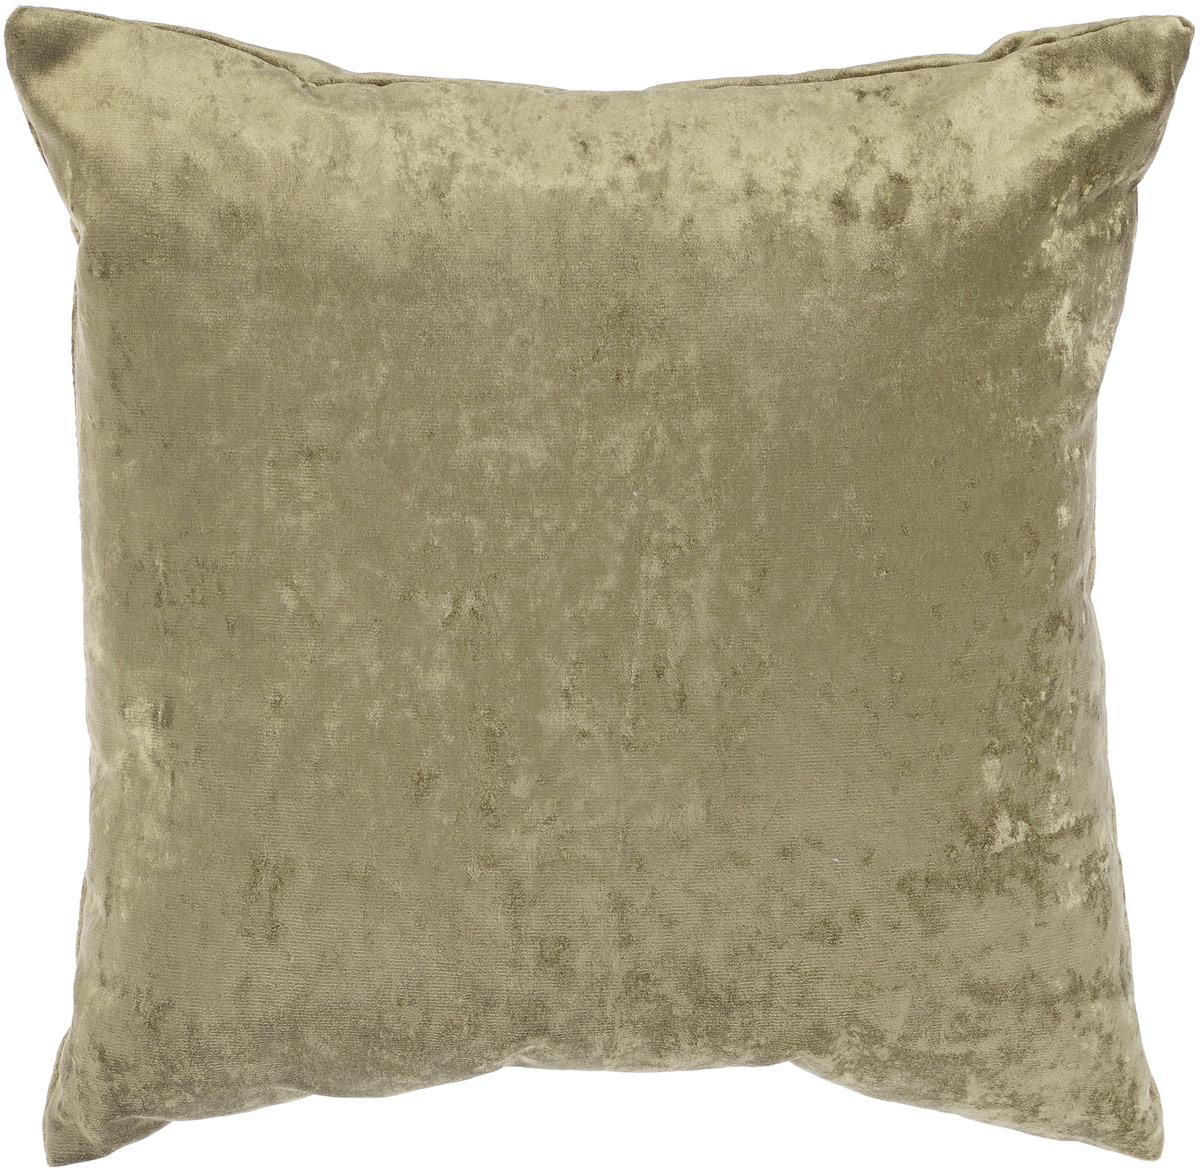 Подушка декоративная KauffOrt Бархат, цвет: темно-зеленый, 40 x 40 см17102023Декоративная подушка Бархат прекрасно дополнит интерьер спальни или гостиной. Бархатистый на ощупь чехол подушки выполнен из 49% вискозы, 42% хлопка и 9% полиэстера. Внутри находится мягкий наполнитель. Чехол легко снимается благодаря потайной молнии.Красивая подушка создаст атмосферу уюта и комфорта в спальне и станет прекрасным элементом декора.